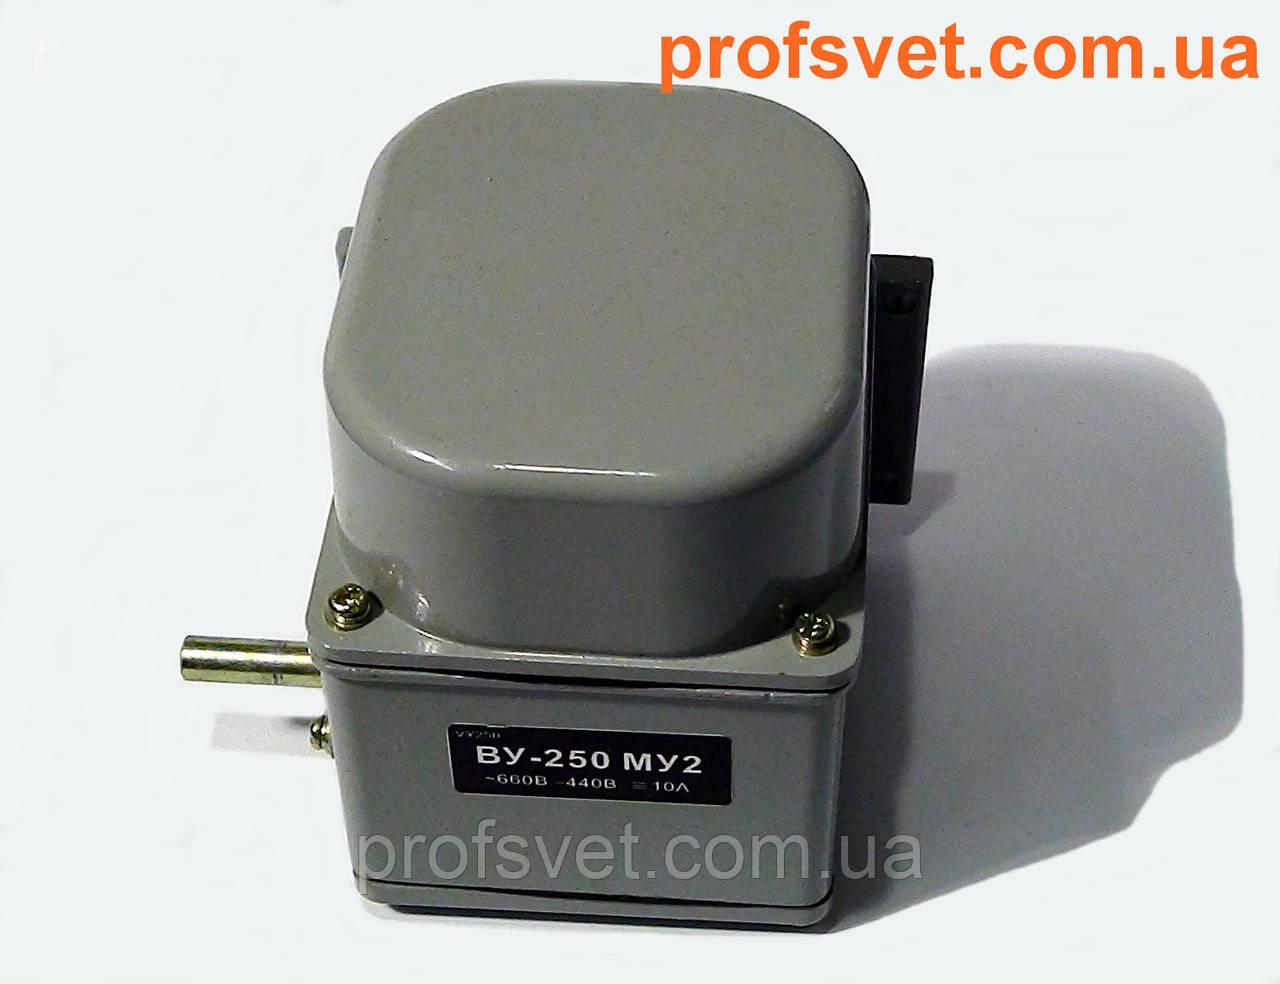 Выключатель управления ВУ-250М У2 концевой